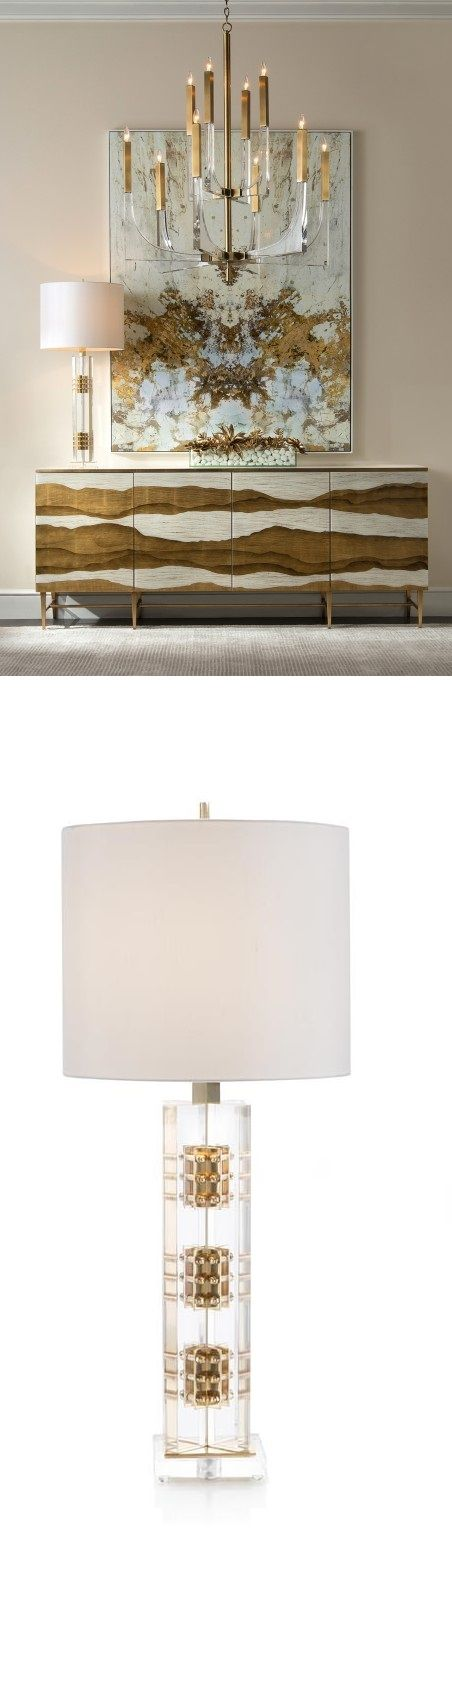 Lamps Modern Lamp Lamp Living Room Lamps Lamp Idea Modern Lamps Lamp Ideas High Qu Modern Interior Design Modern Interior Table Lamps Living Room